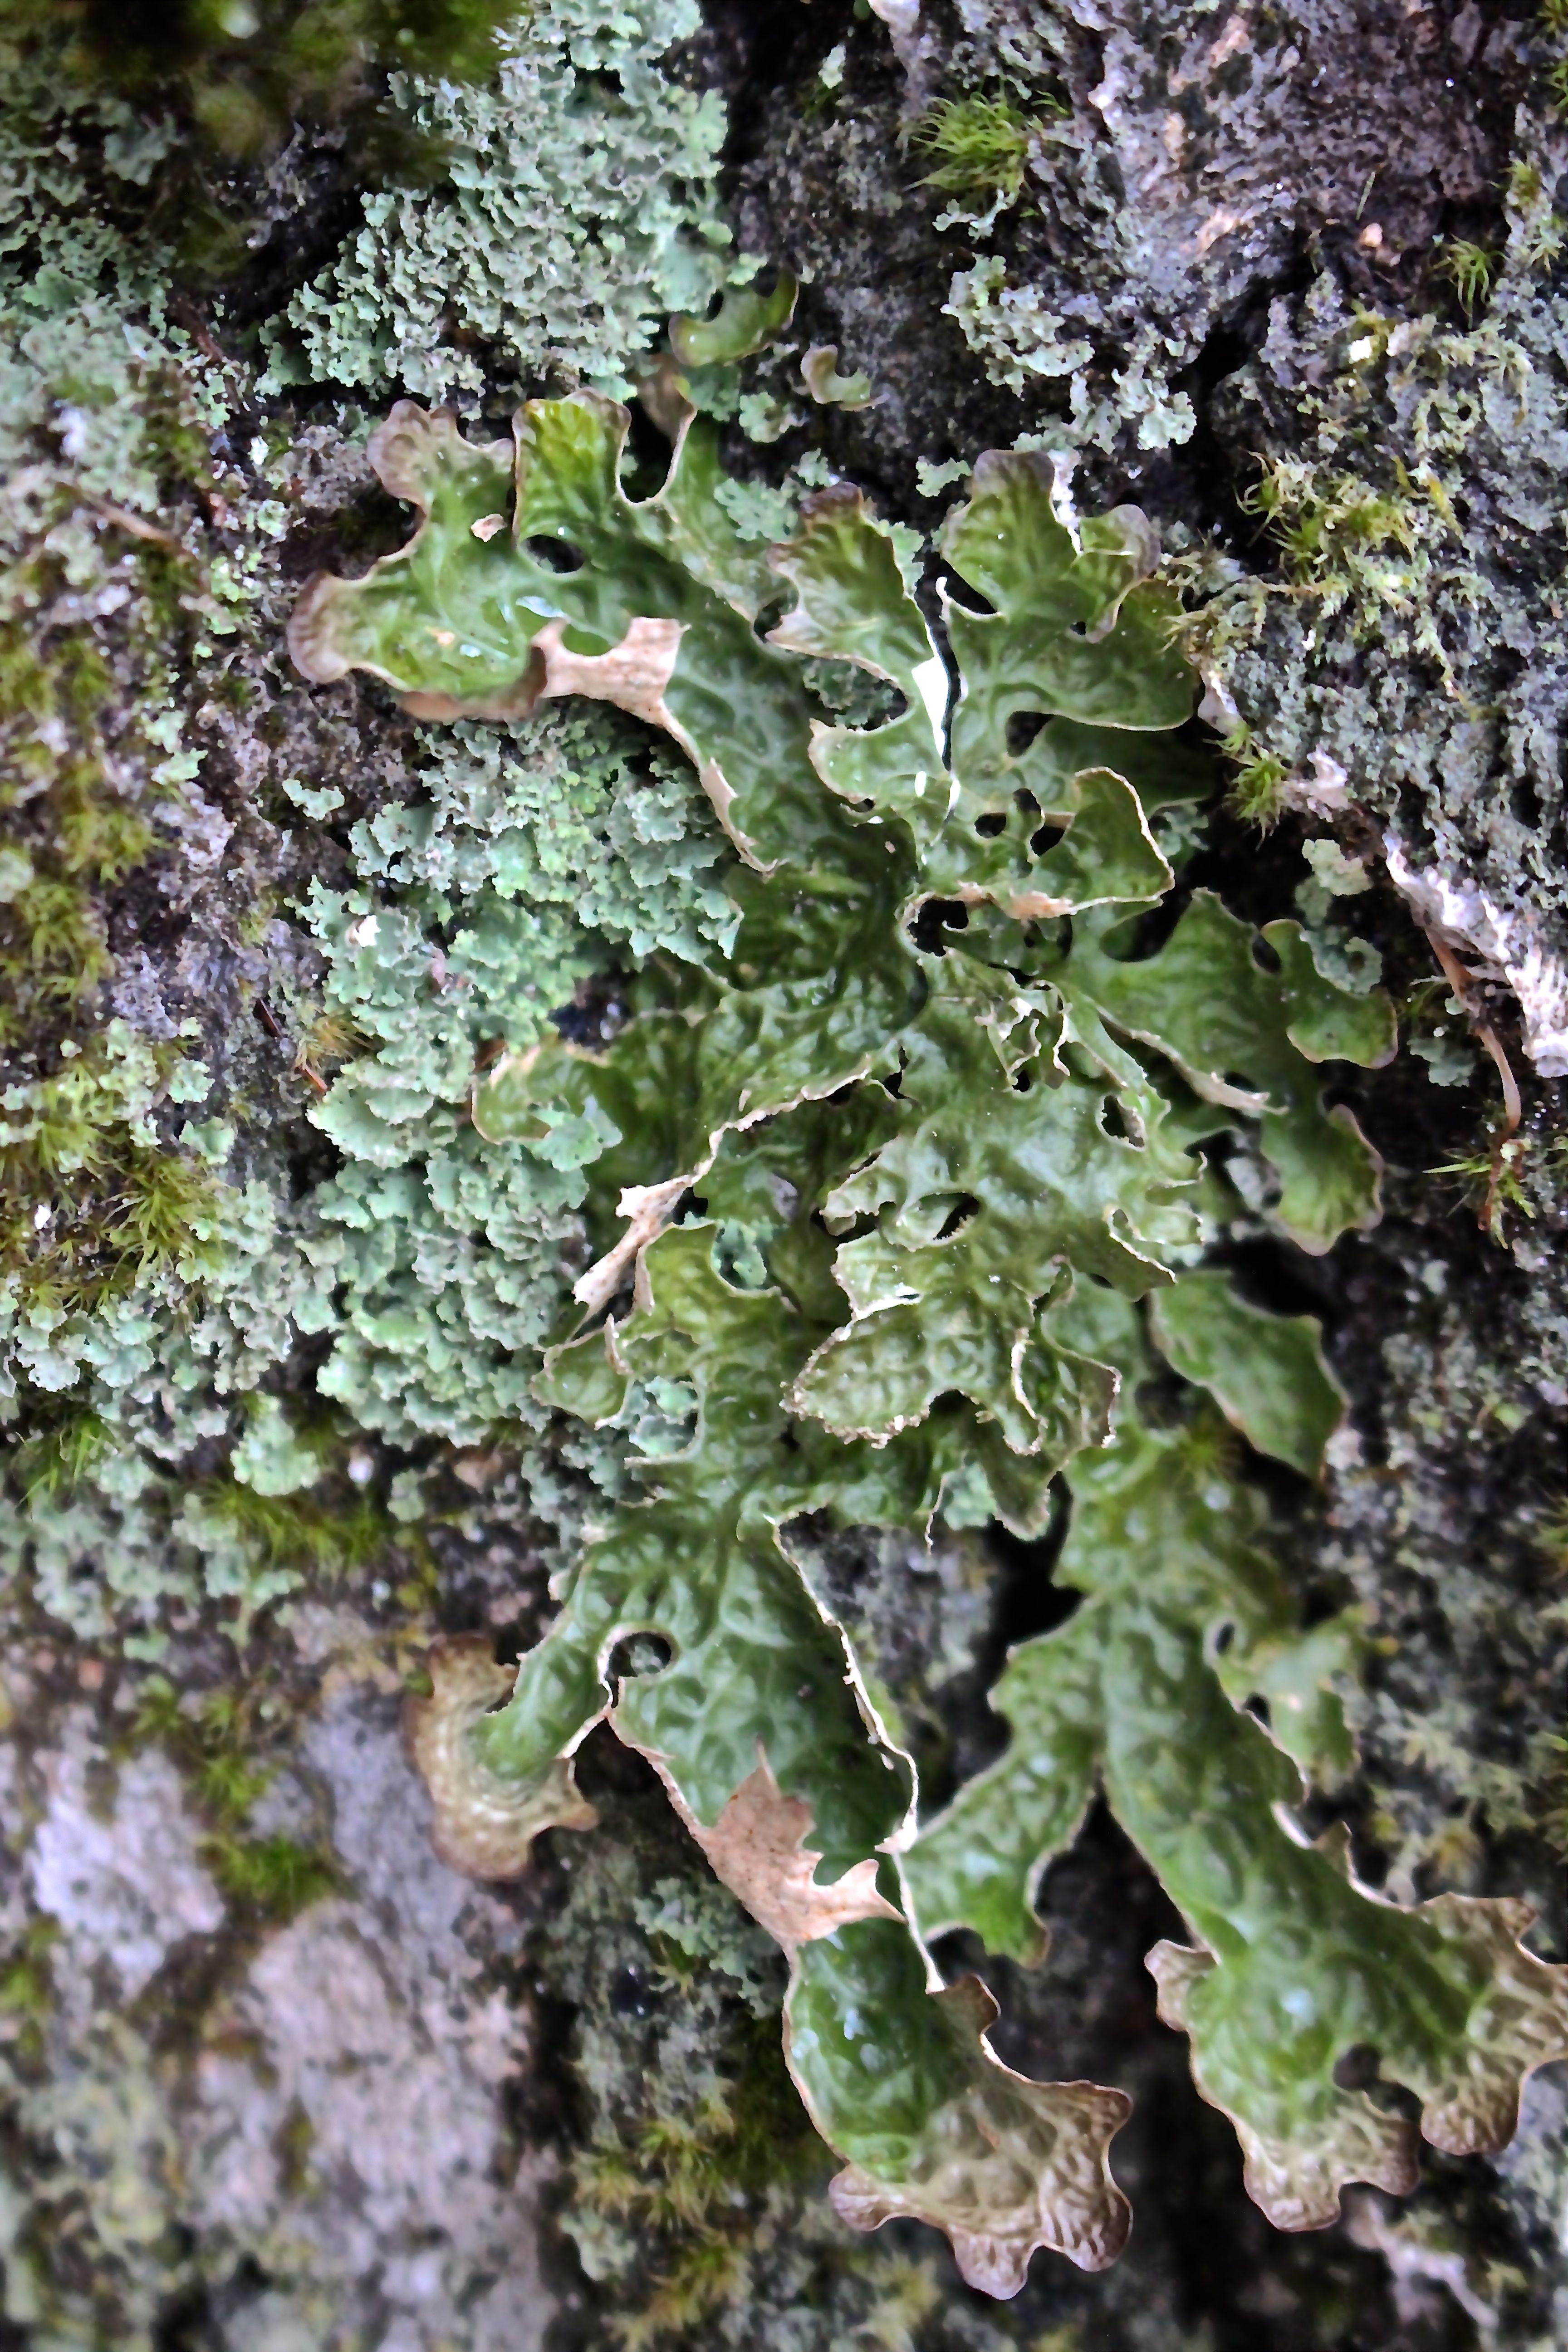 b-lungwort, lichens